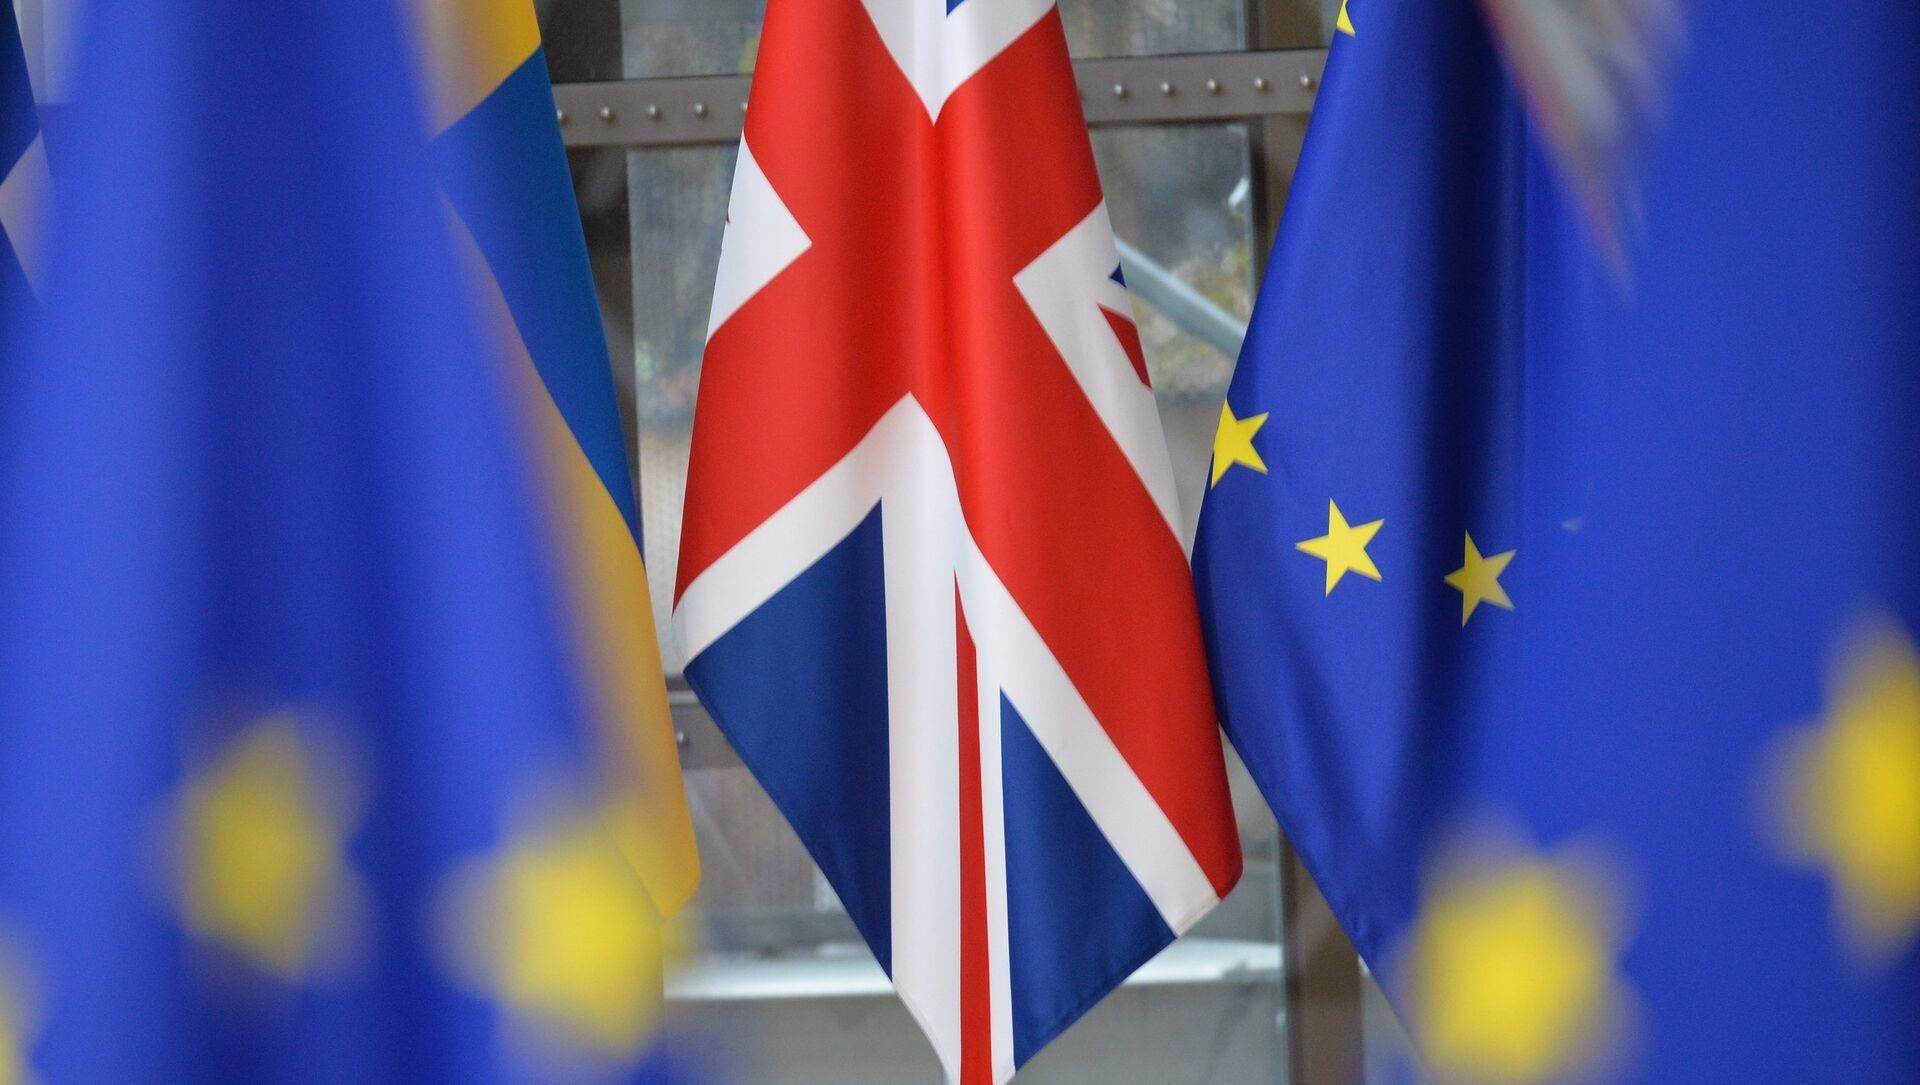 Banderas del Reino Unido y la UE - Sputnik Mundo, 1920, 30.01.2019